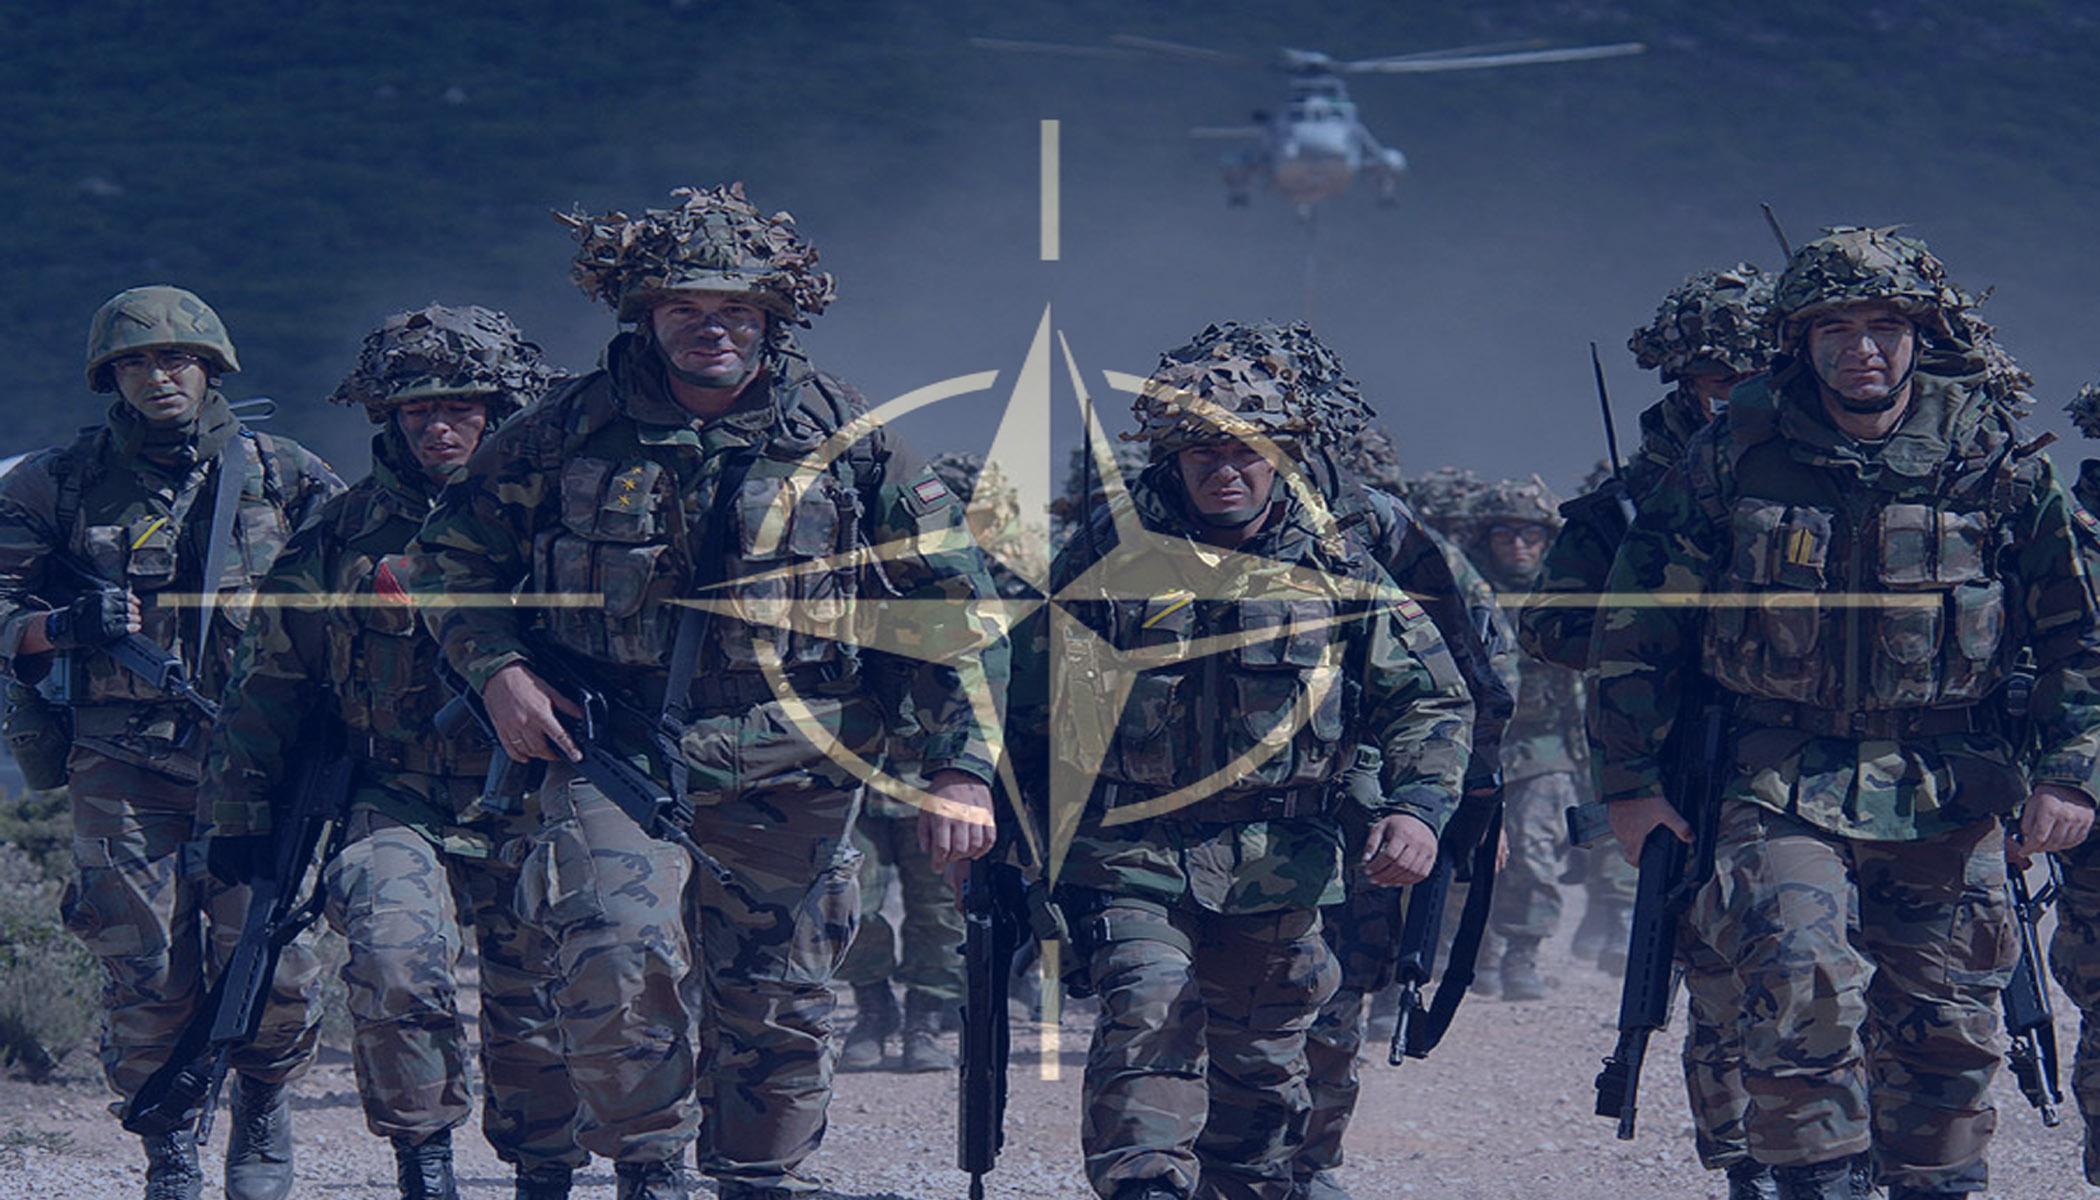 """Бойцы """"Азова"""" обезвредили несколько диверсионно-разведывательных групп противника под Мариуполем, - Штаб обороны города - Цензор.НЕТ 8595"""